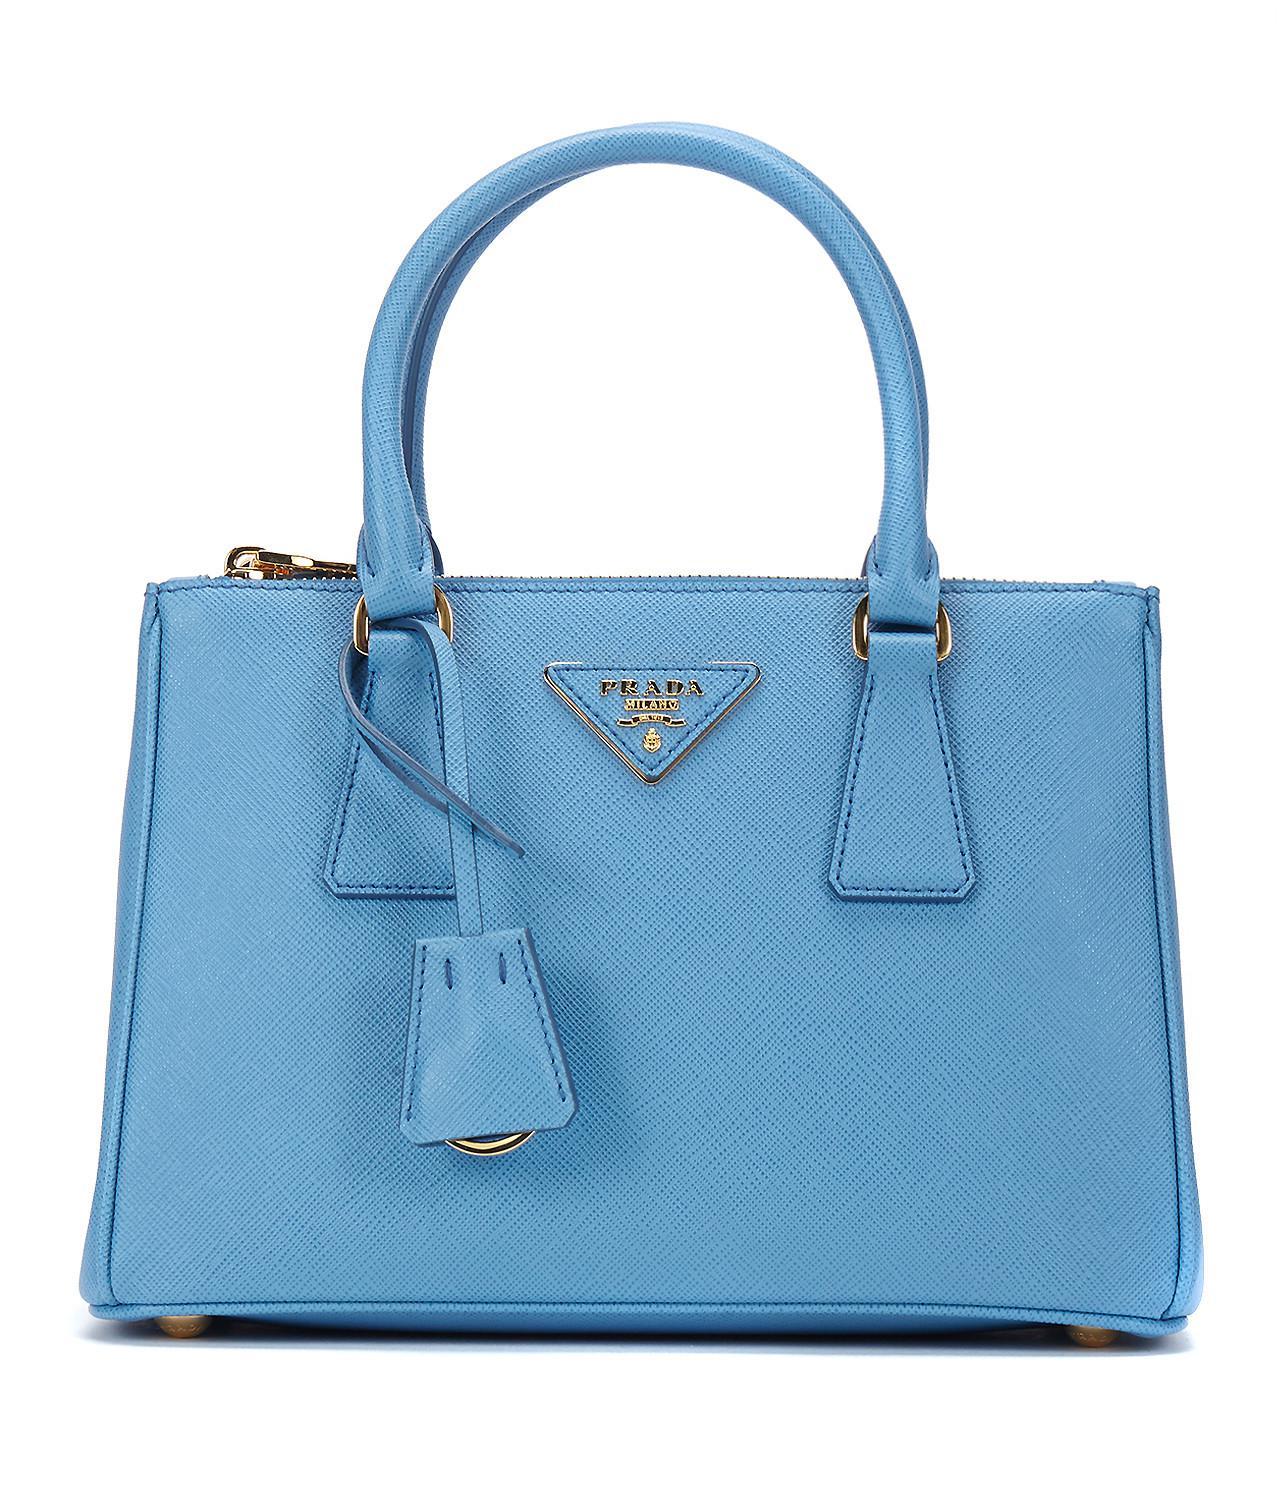 ... handbags ac7e4 41c9e  official store prada. blue 17ss womens saffiano  lux small galleria bag 1ba896 mare 99ee5 e1542 7fd2d8401c481